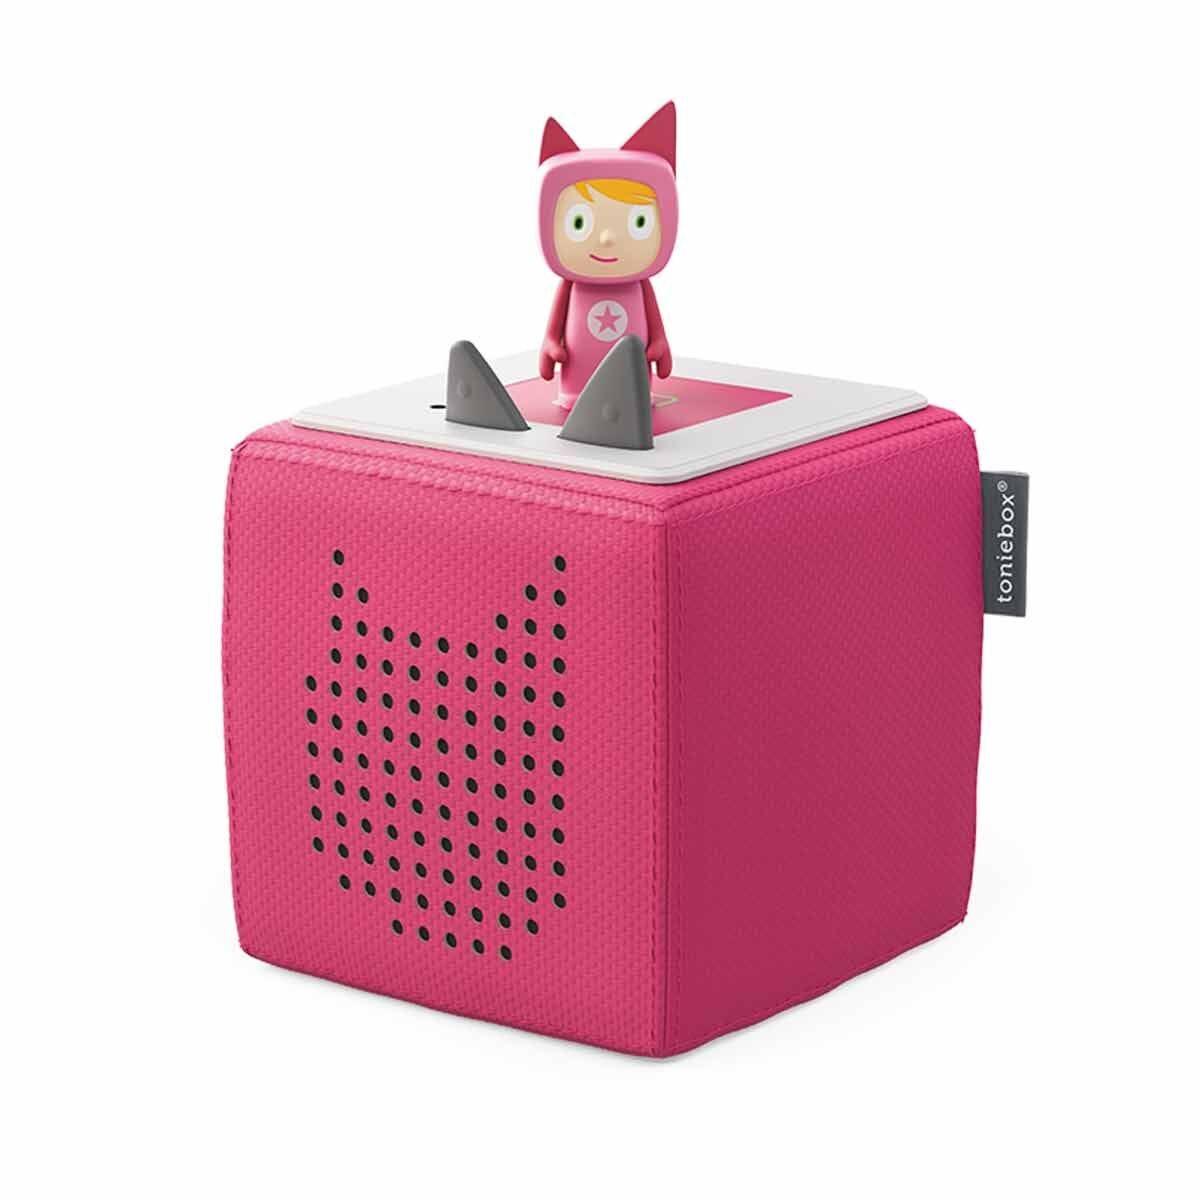 Tonies Box Starter Set Pink